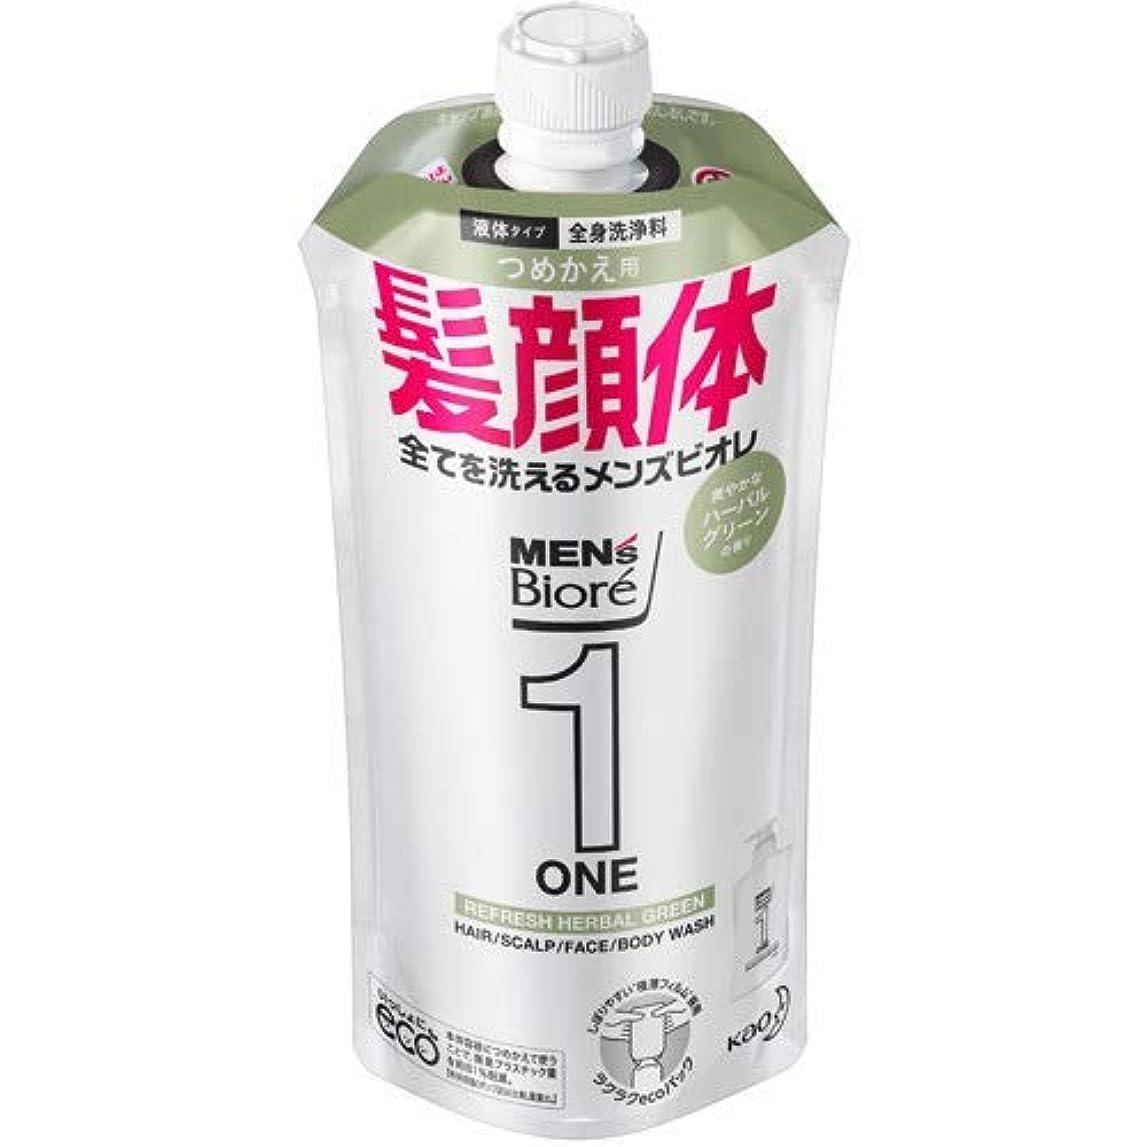 伝説毒液腕【10個セット】メンズビオレONE オールインワン全身洗浄料 爽やかなハーブルグリーンの香り つめかえ用 340mL